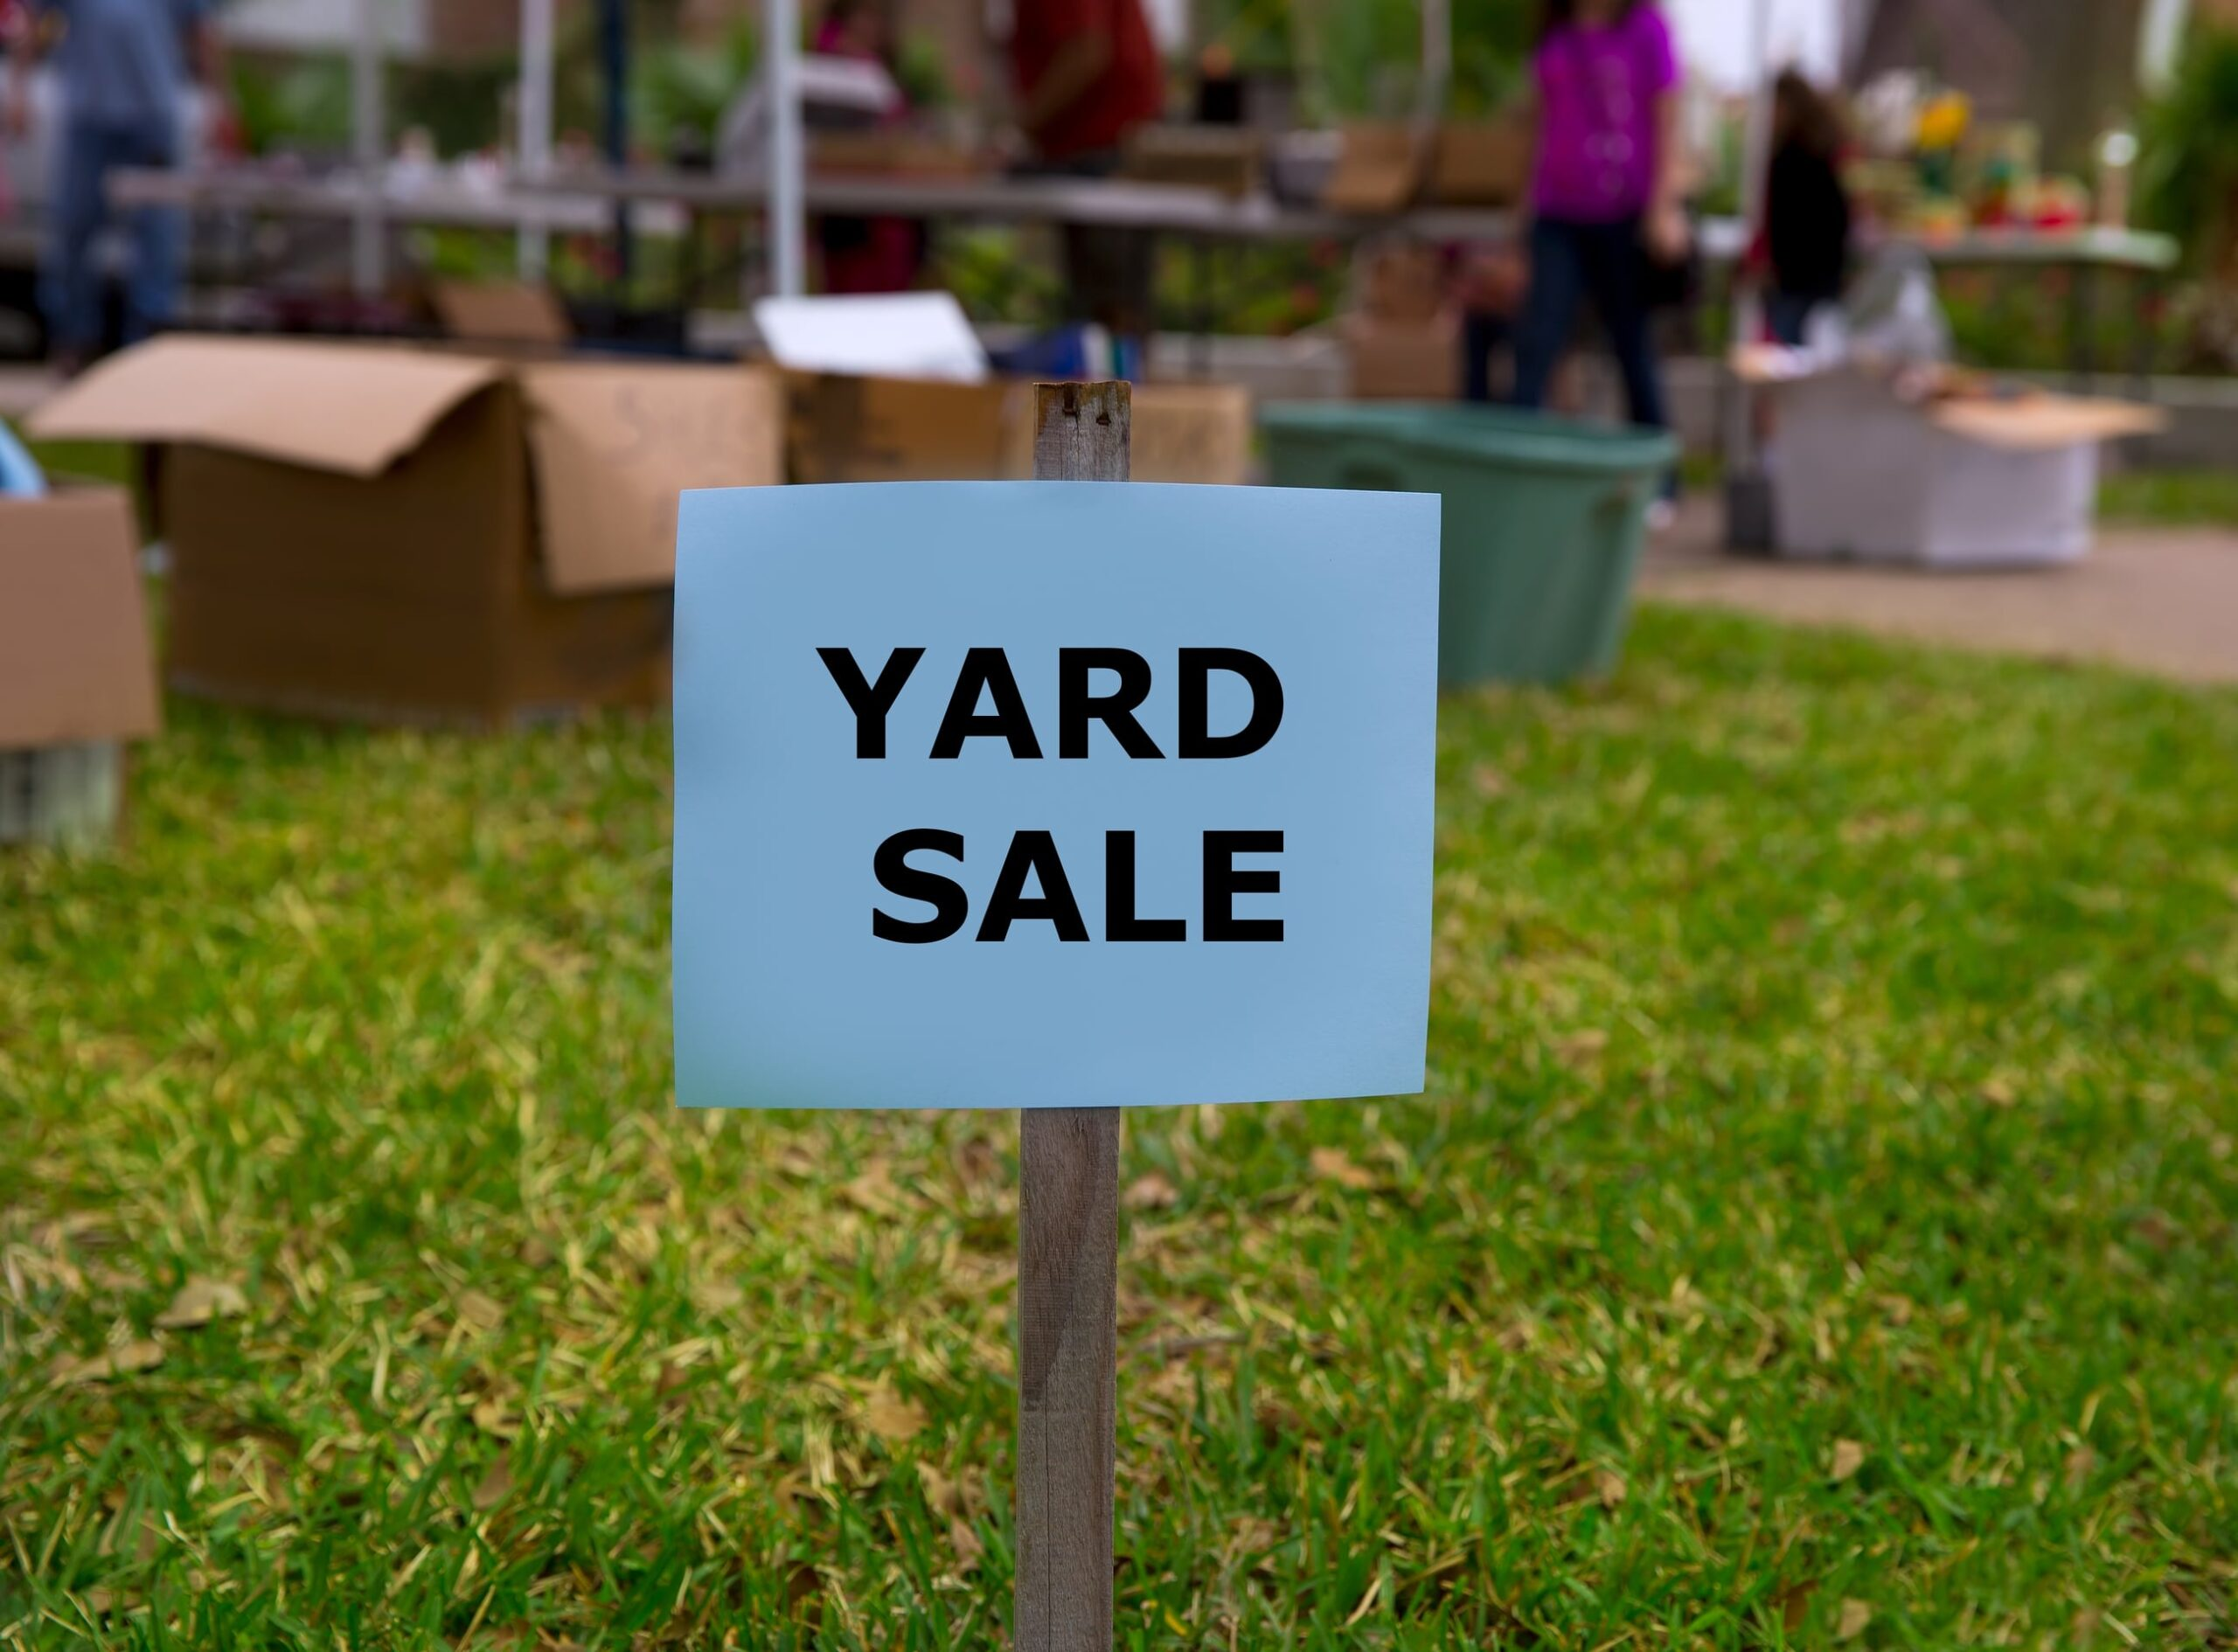 yard sale to clear away unwanted belongings